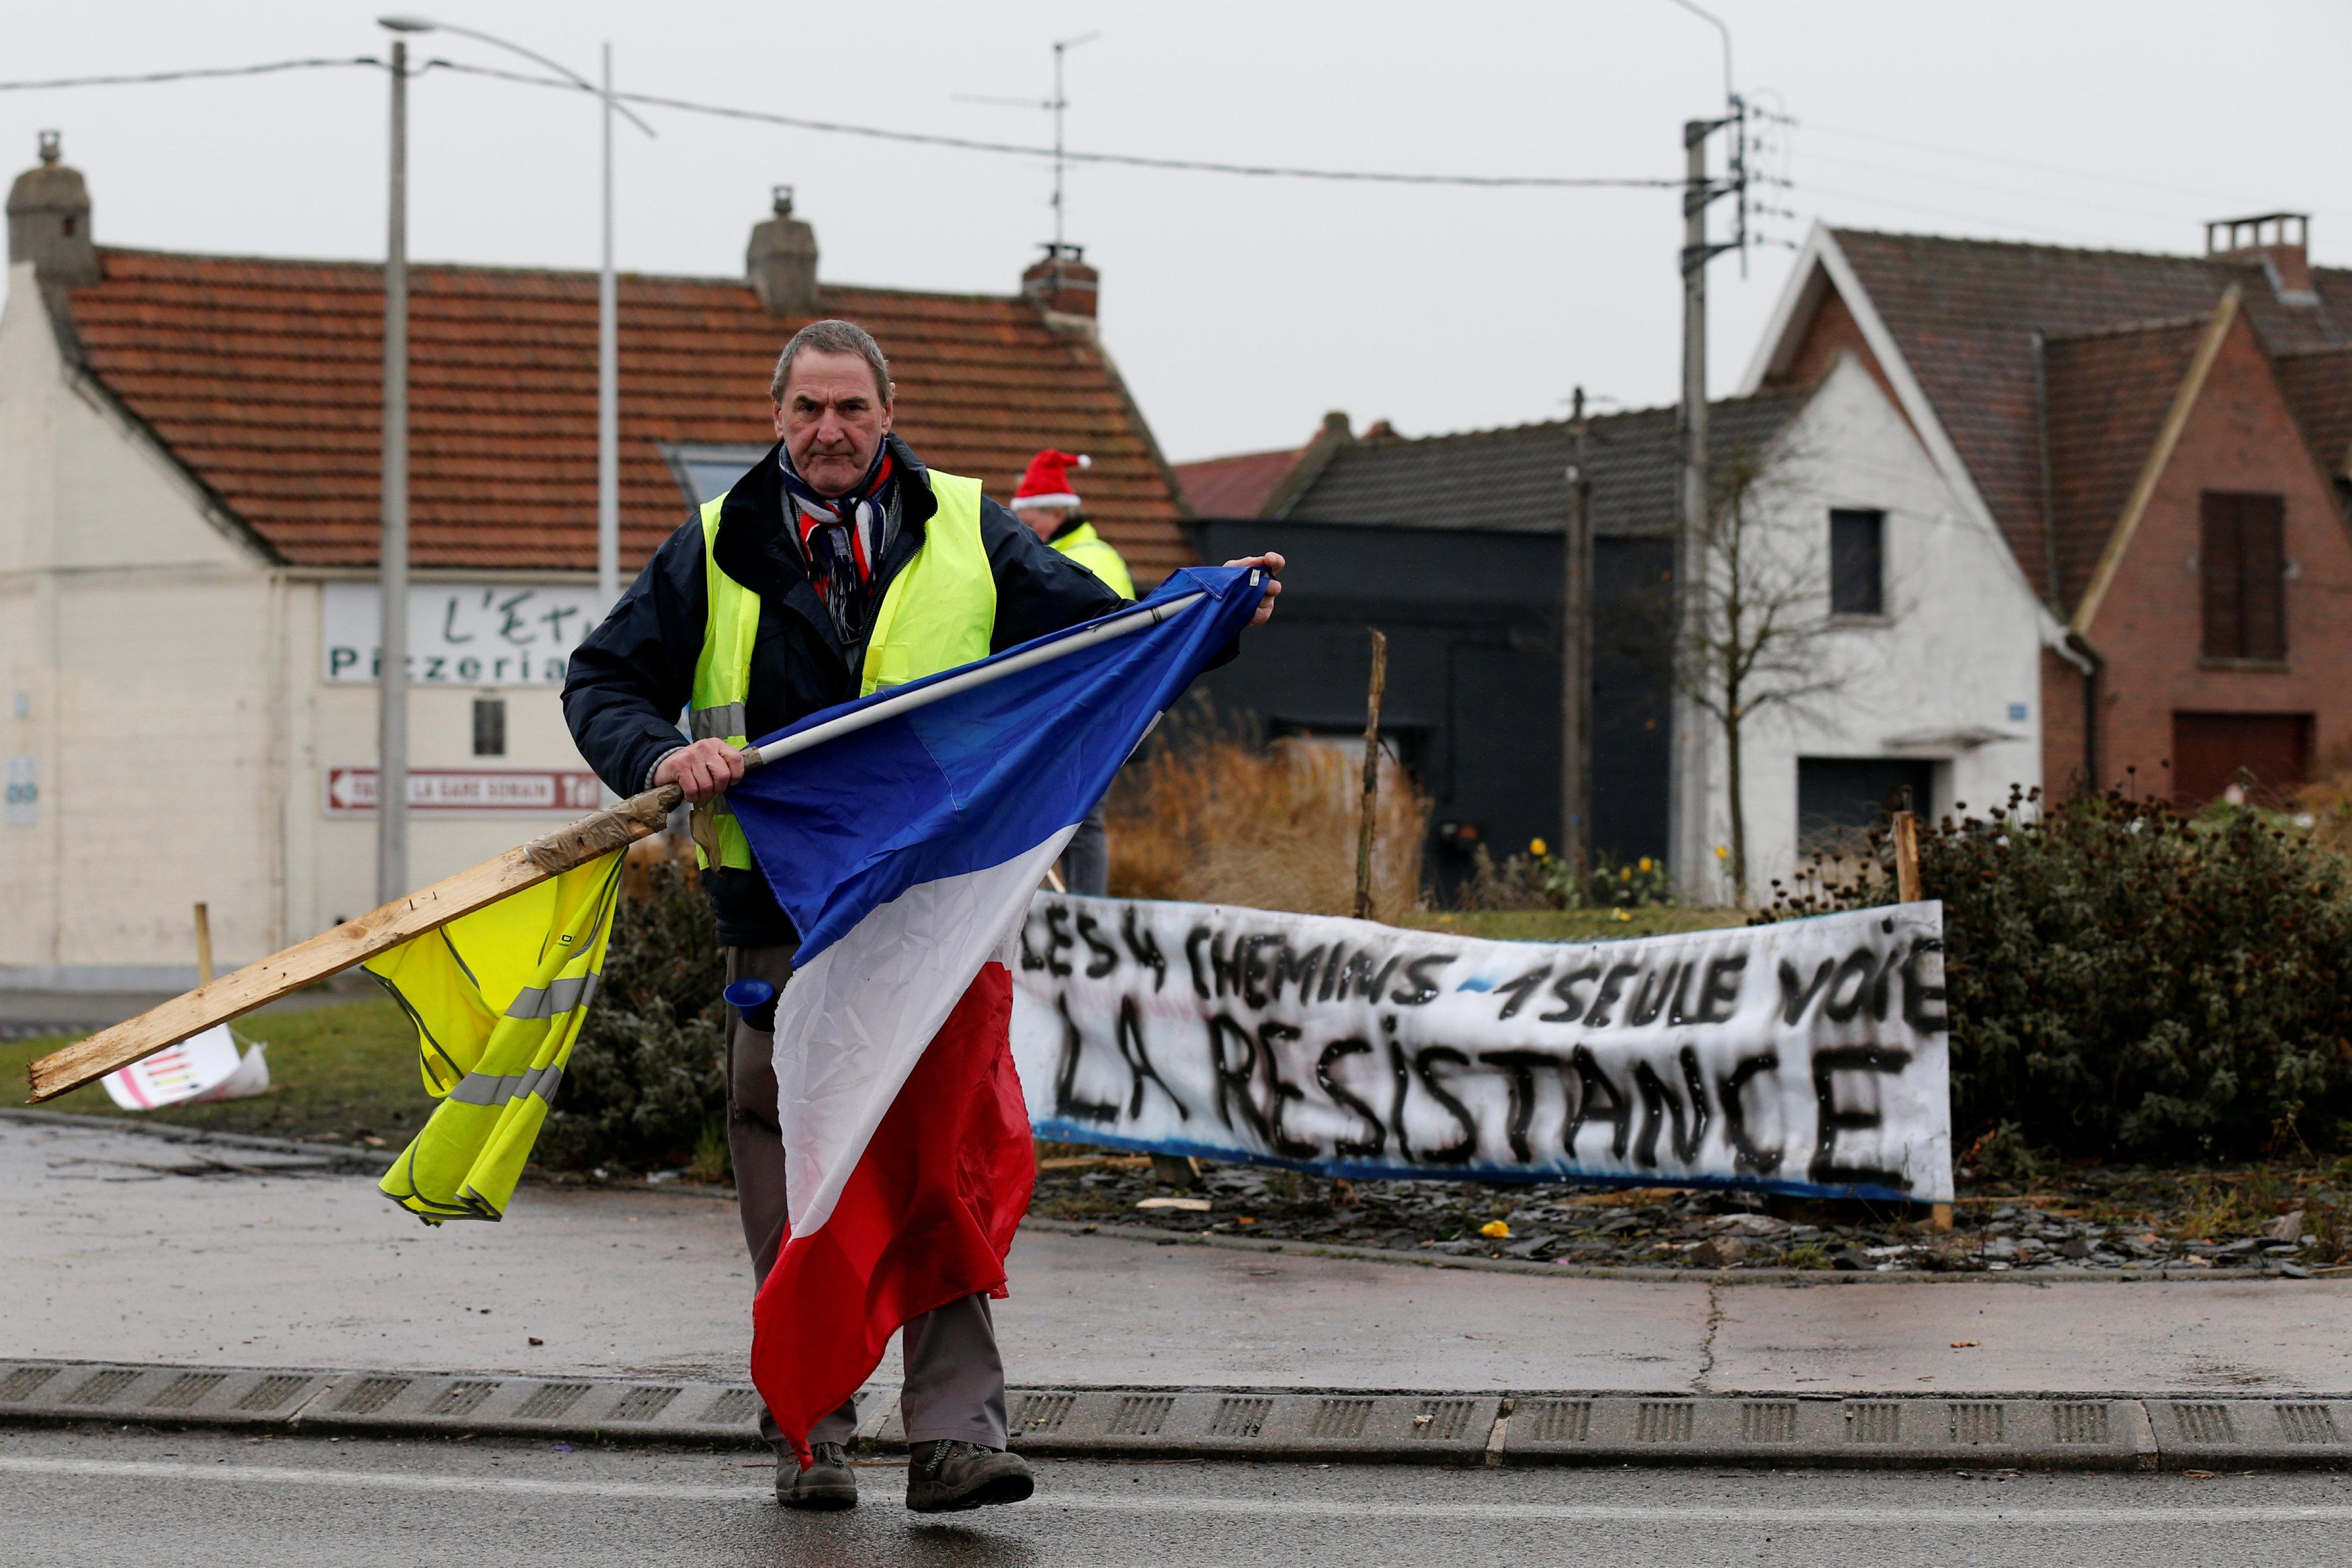 متظاهر يتظاهر مرتديا سترة صفراء